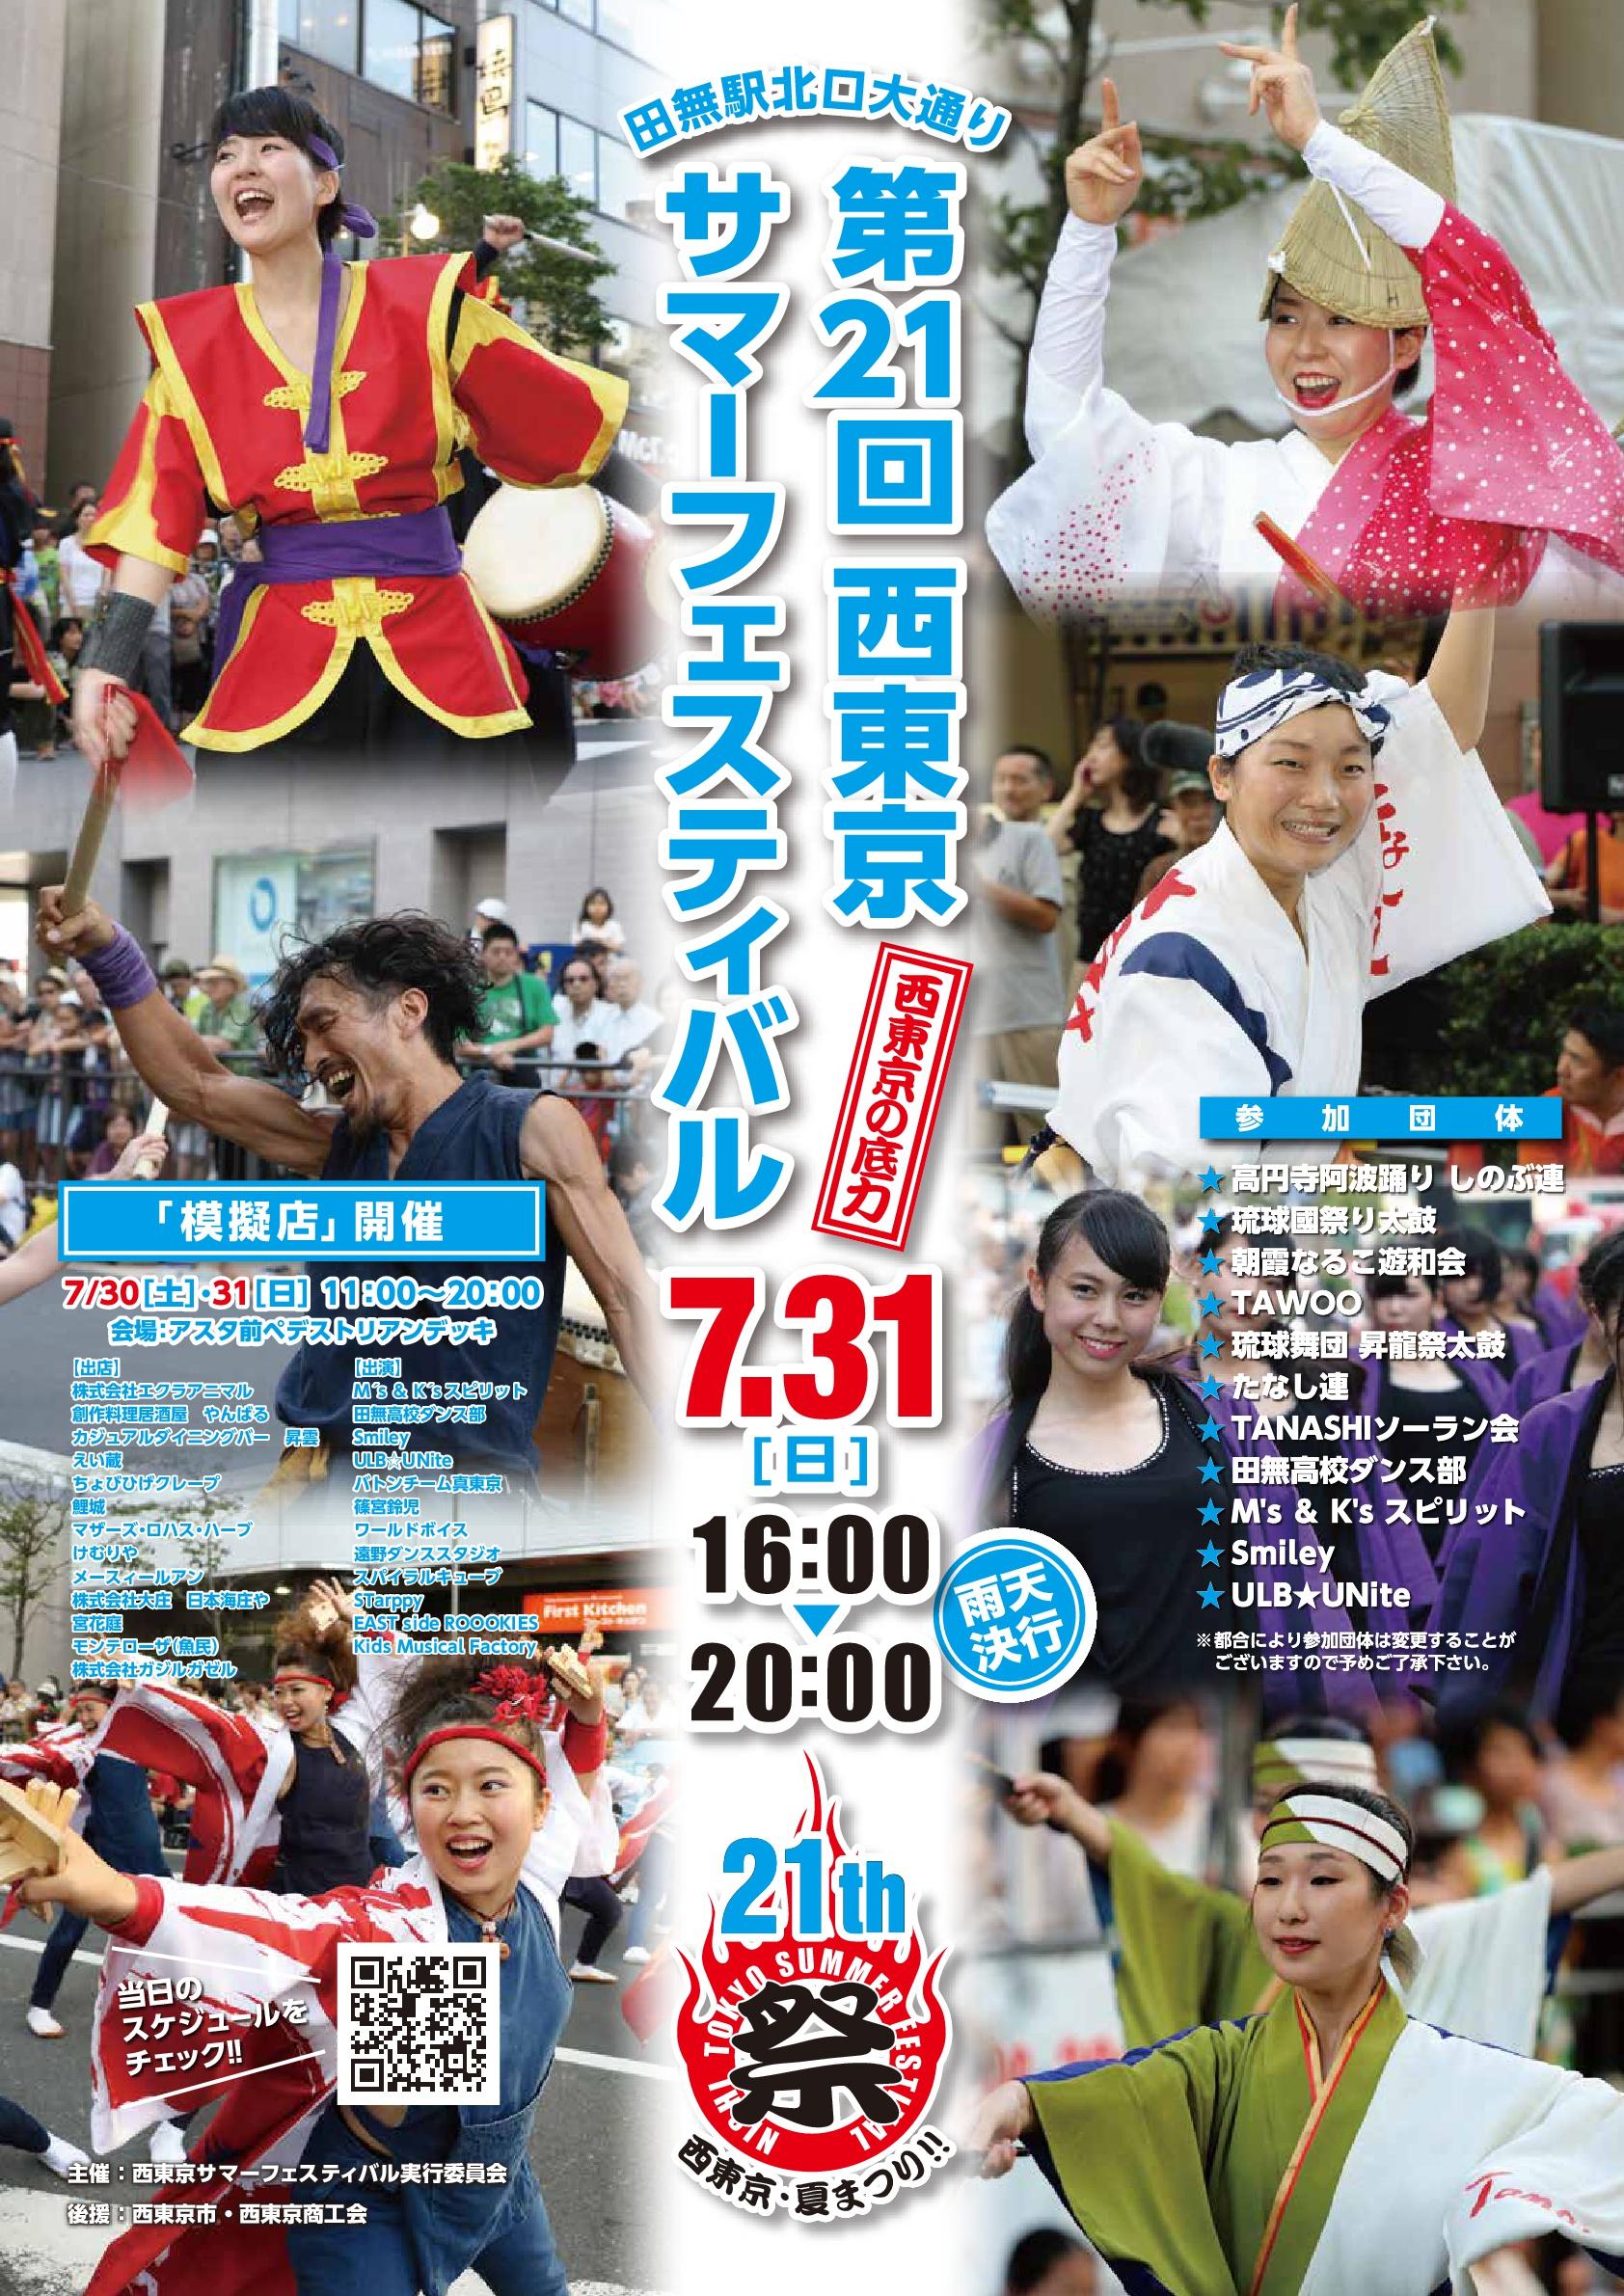 160730-31_Vol21_summer_festival.jpg